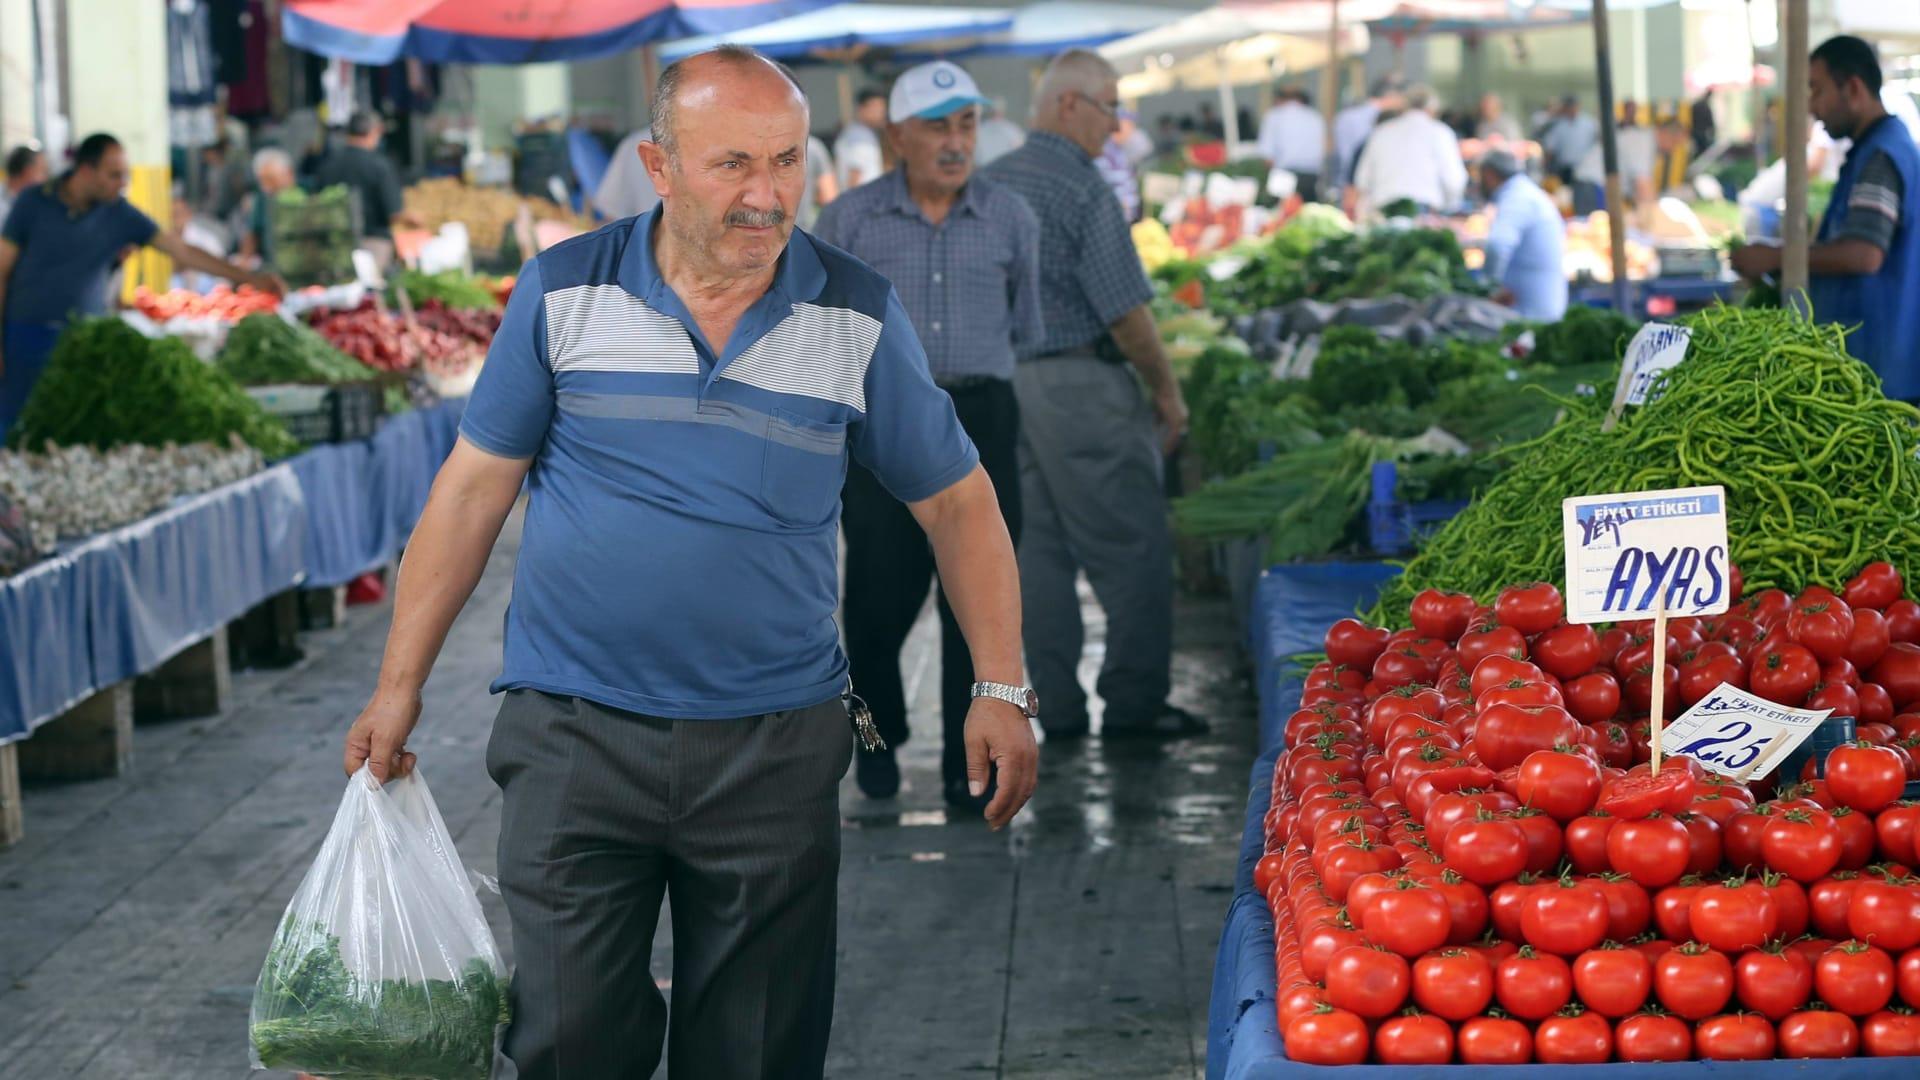 الخناق يضيق على الاقتصاد التركي